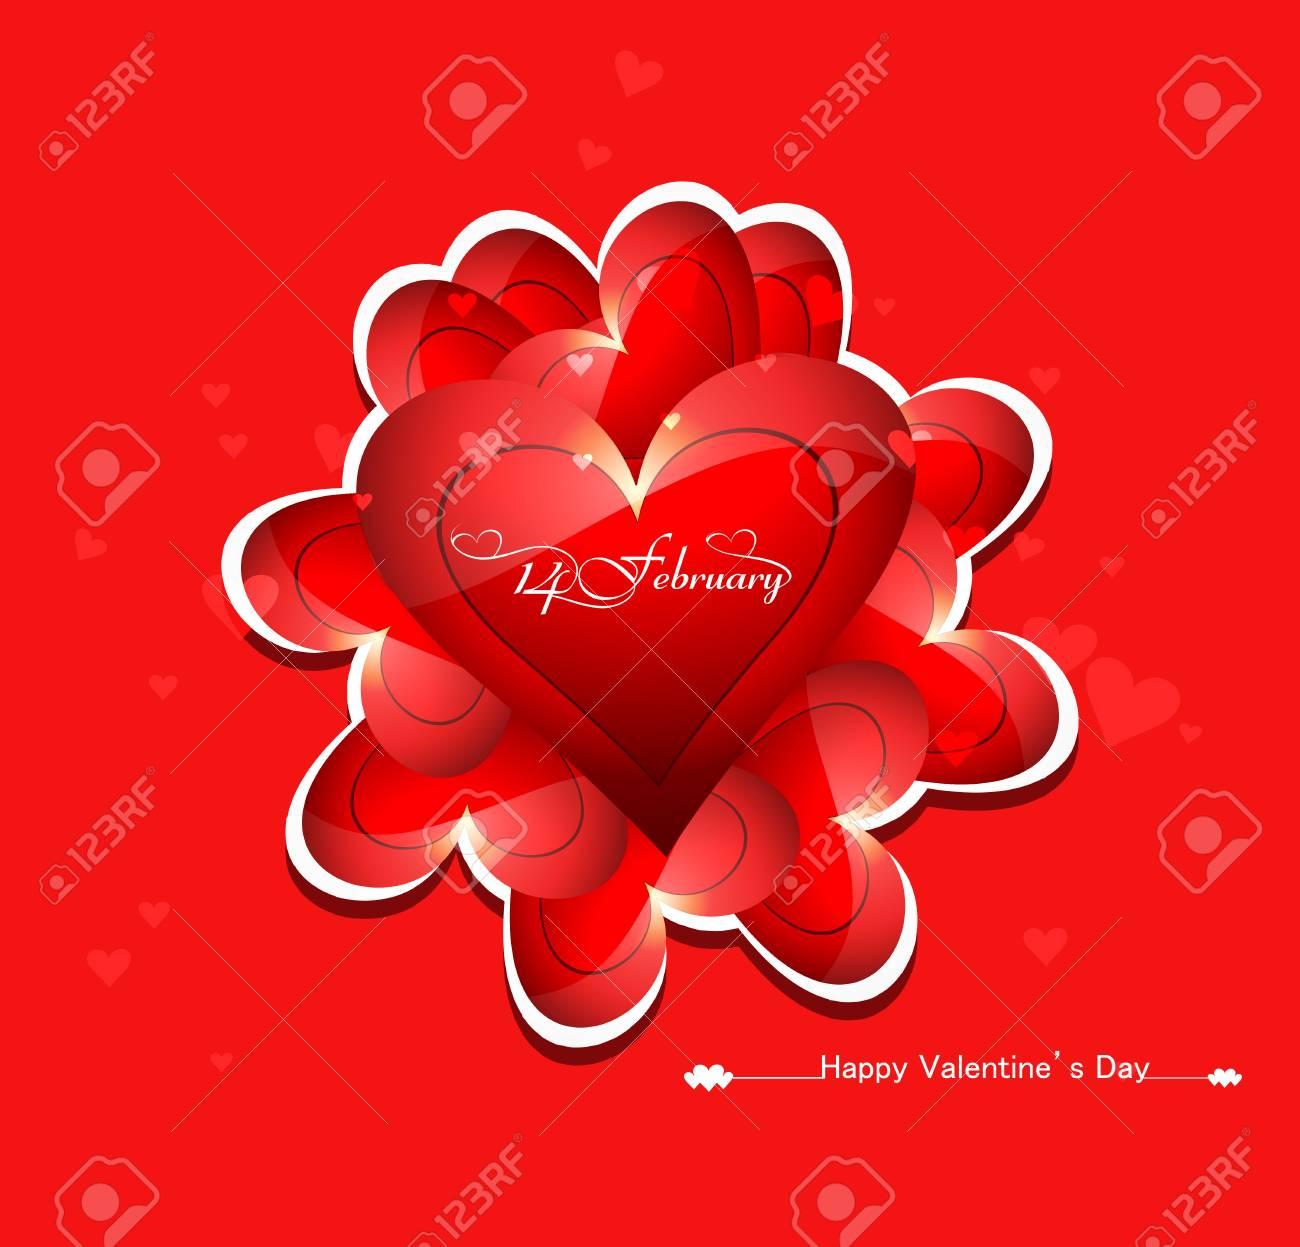 Schone Bunte Karte Fur Valentinstag Herz Design Vektor Lizenzfrei